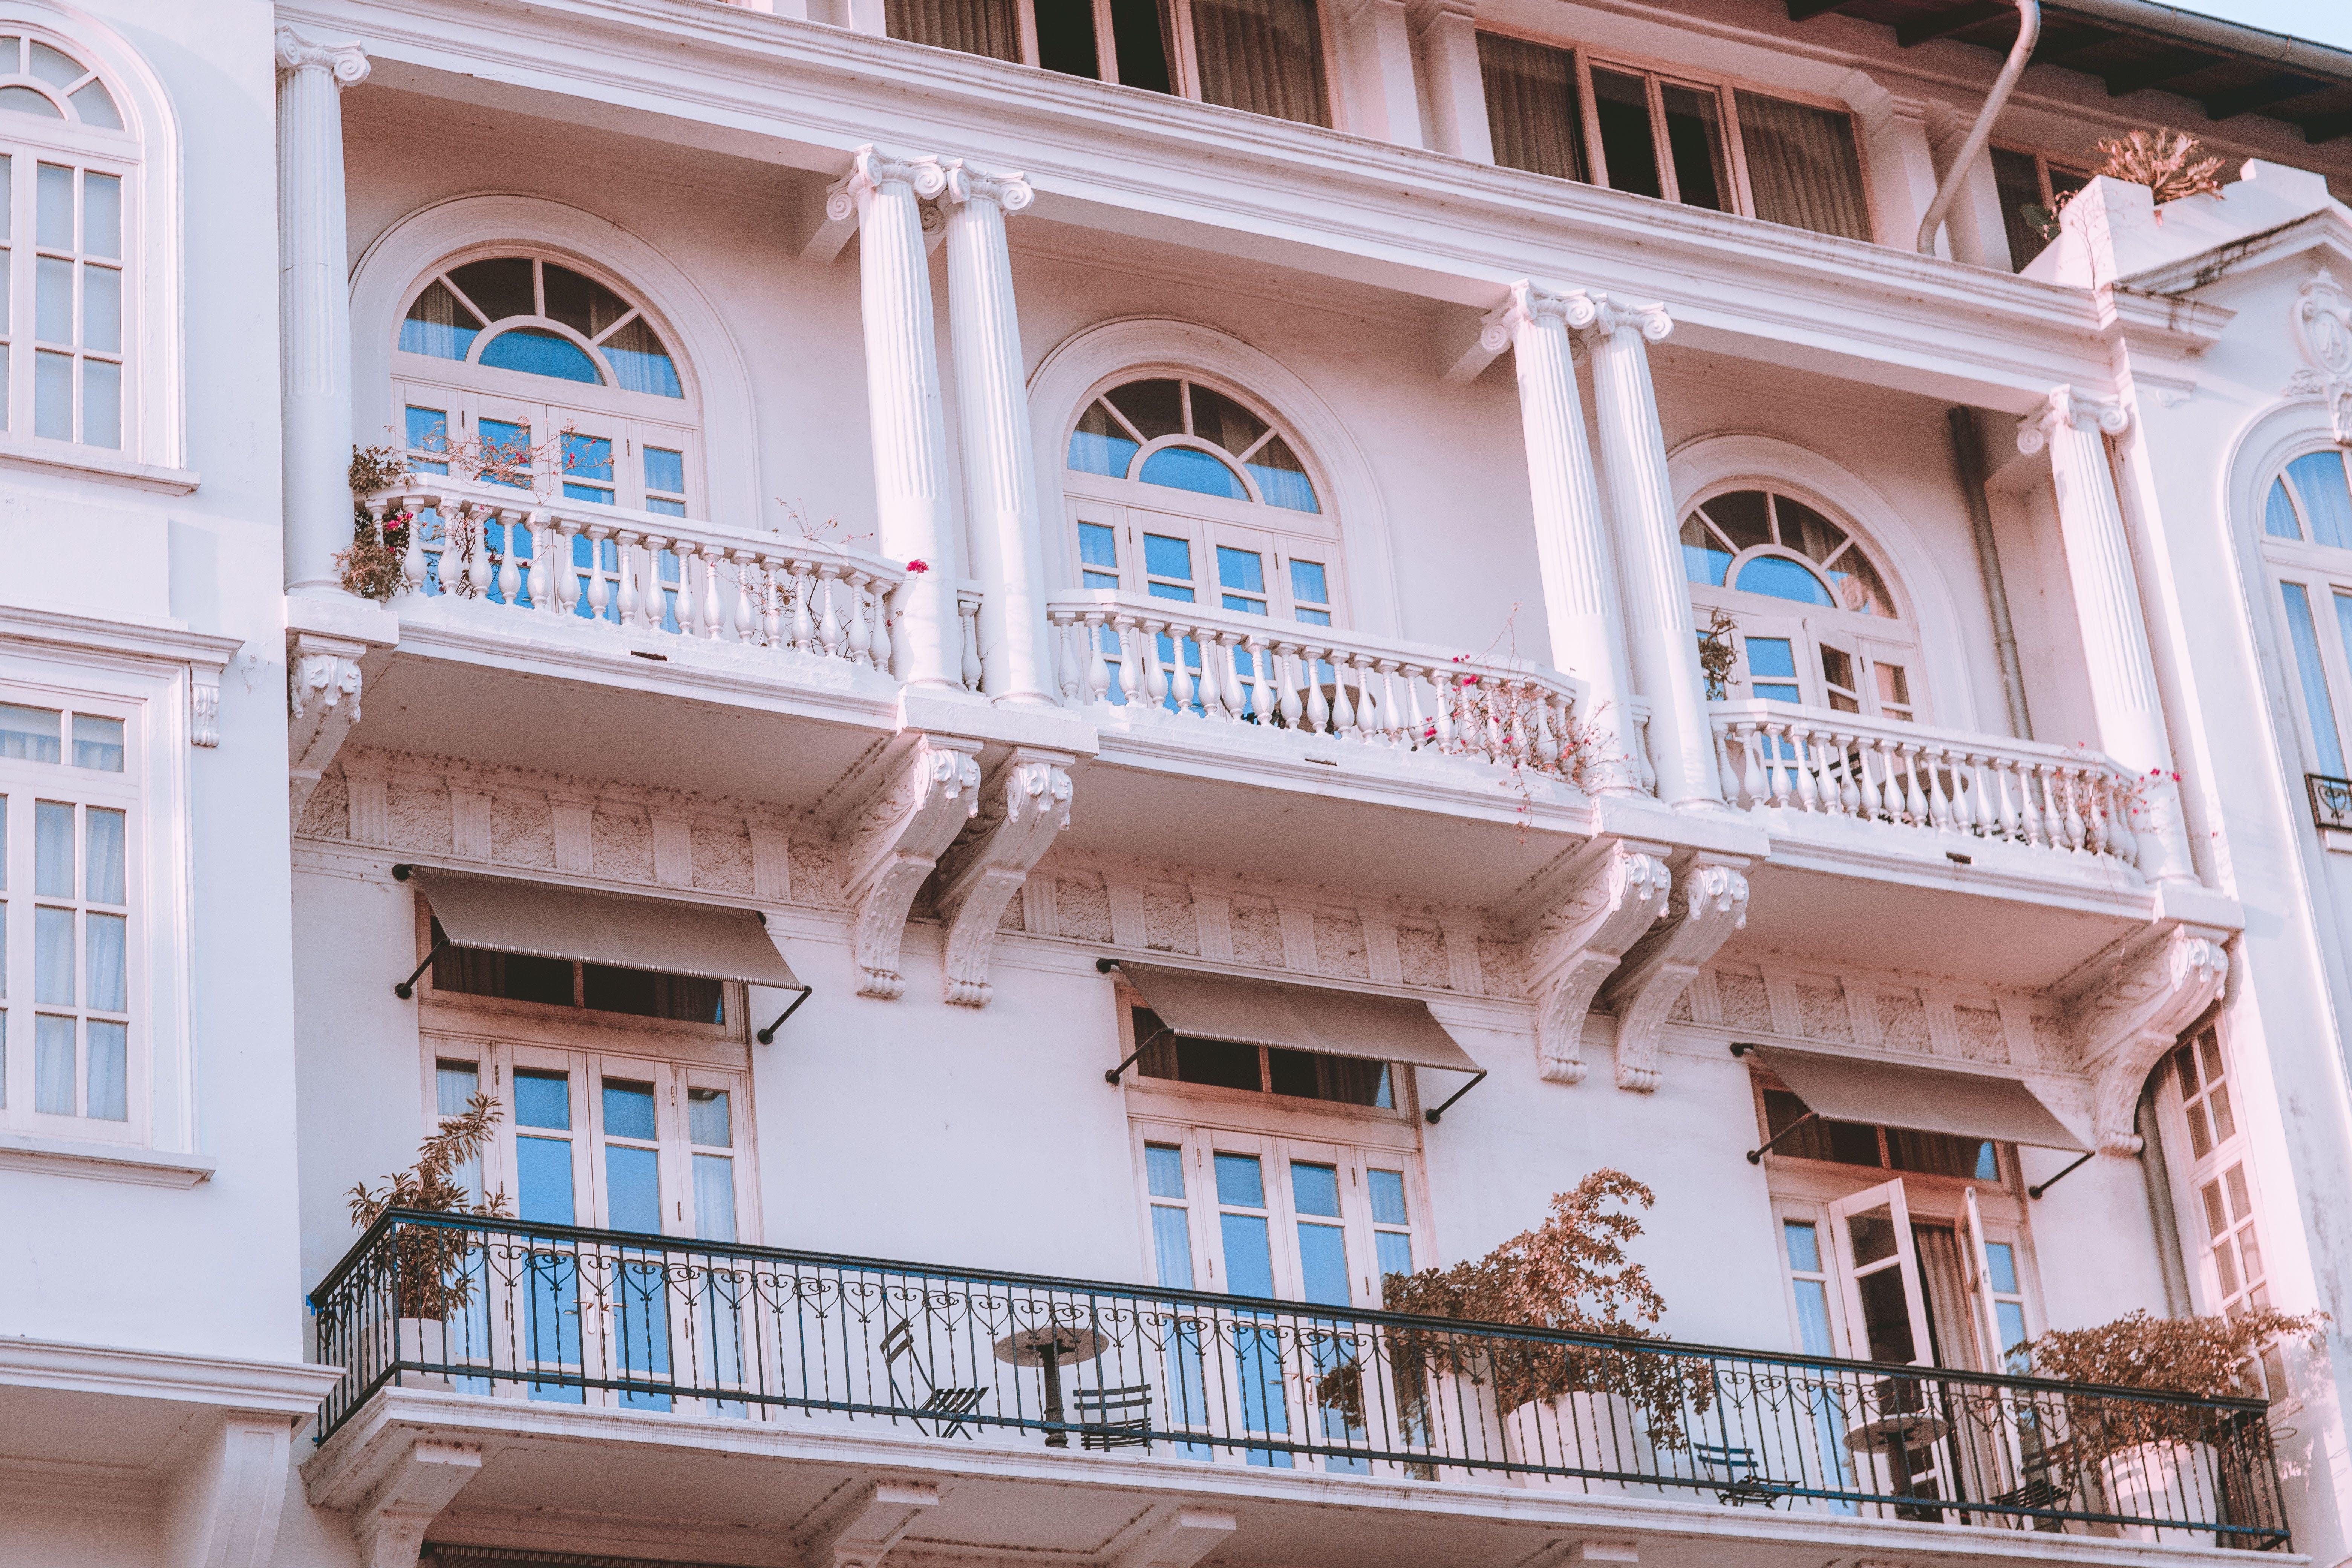 Ilmainen kuvapankkikuva tunnisteilla arkkitehtuuri, asunnot, asunto, päivä